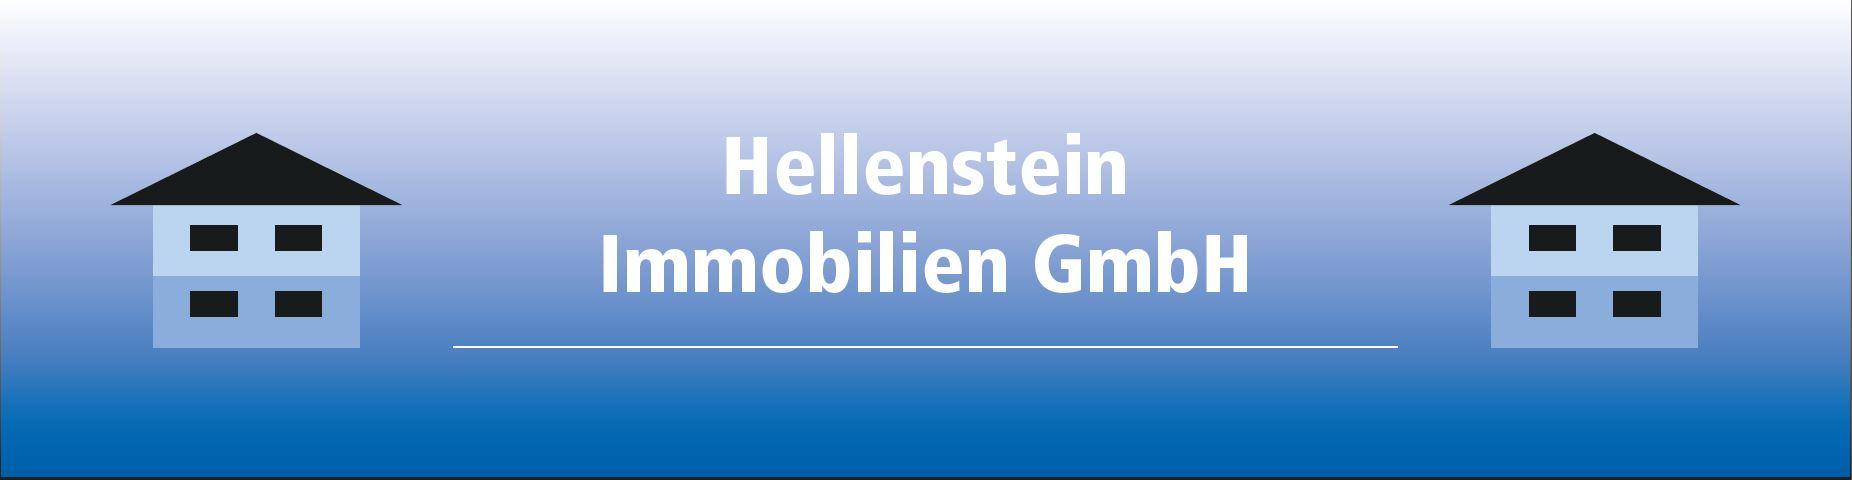 Hellenstein Immobilien GmbH - Logo